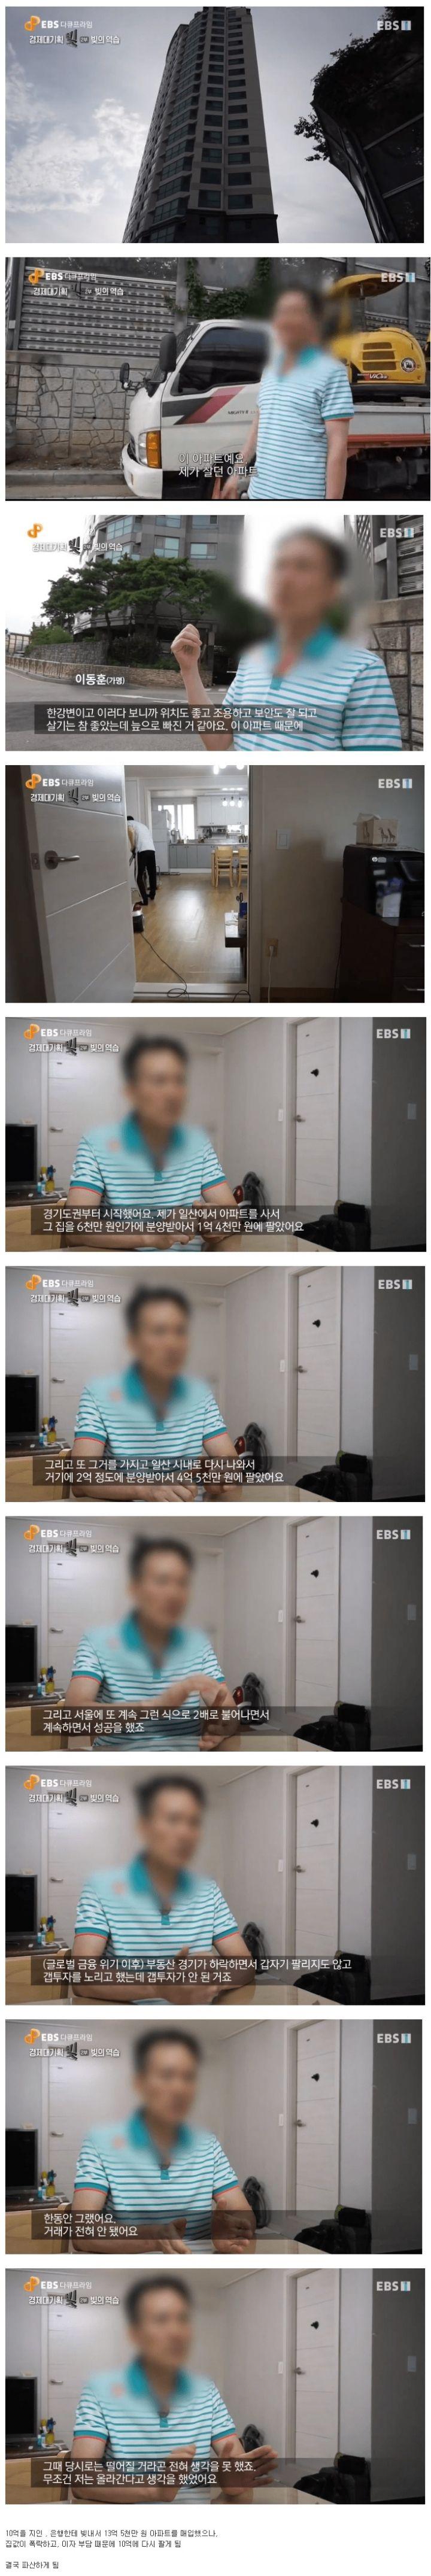 이동훈 강변 위치 보안 살기 아파트 때문 역습 경기도 시작 일산 아파트 사서 원인 분양 좔있어